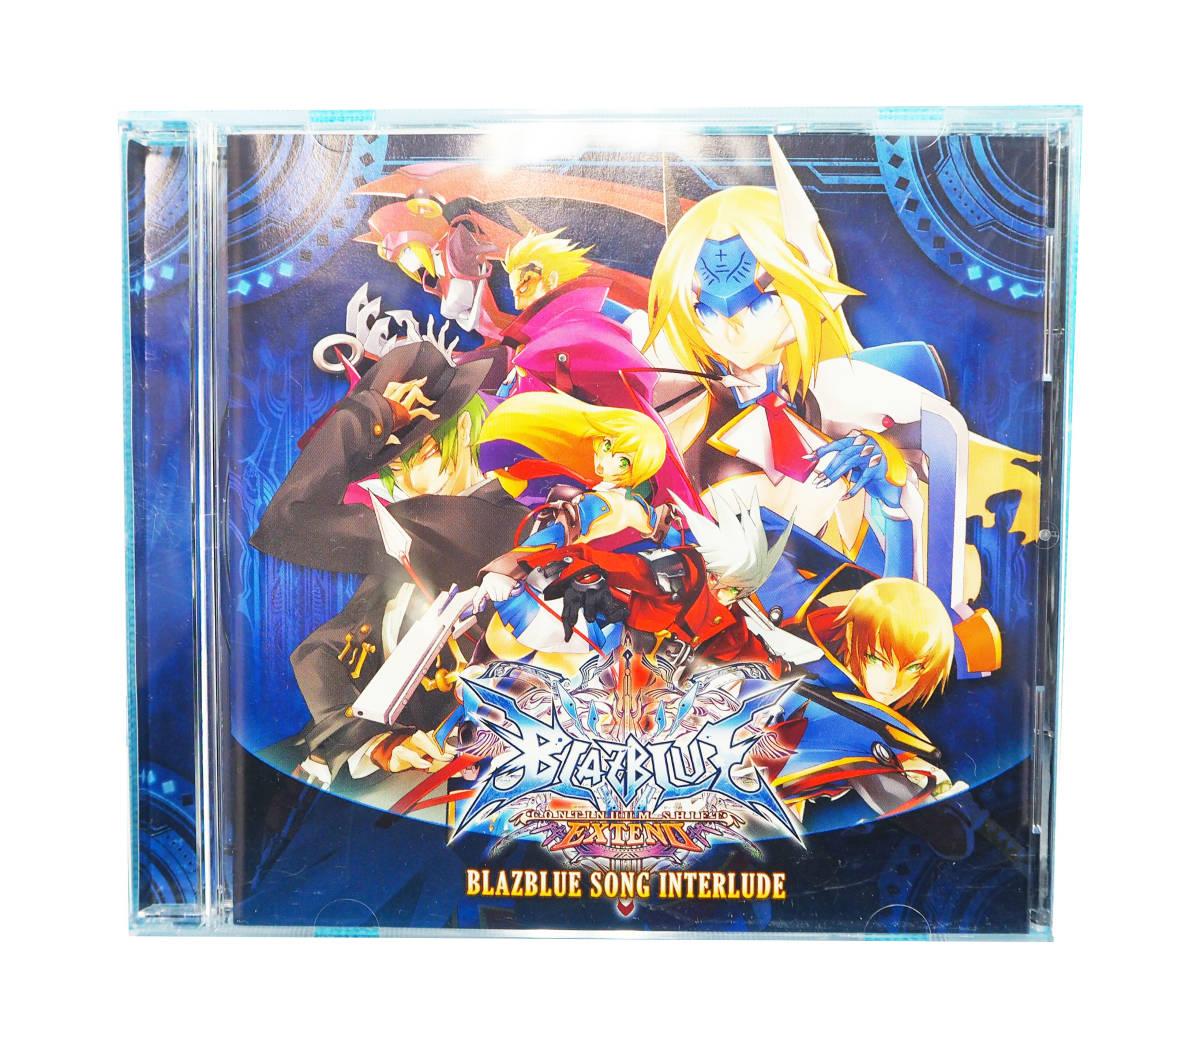 ブレイブルー BLAZBLUE CONTINUUM SHIFT EXTEND 特典 CD BLAZBLUE SONG INTERLUDE